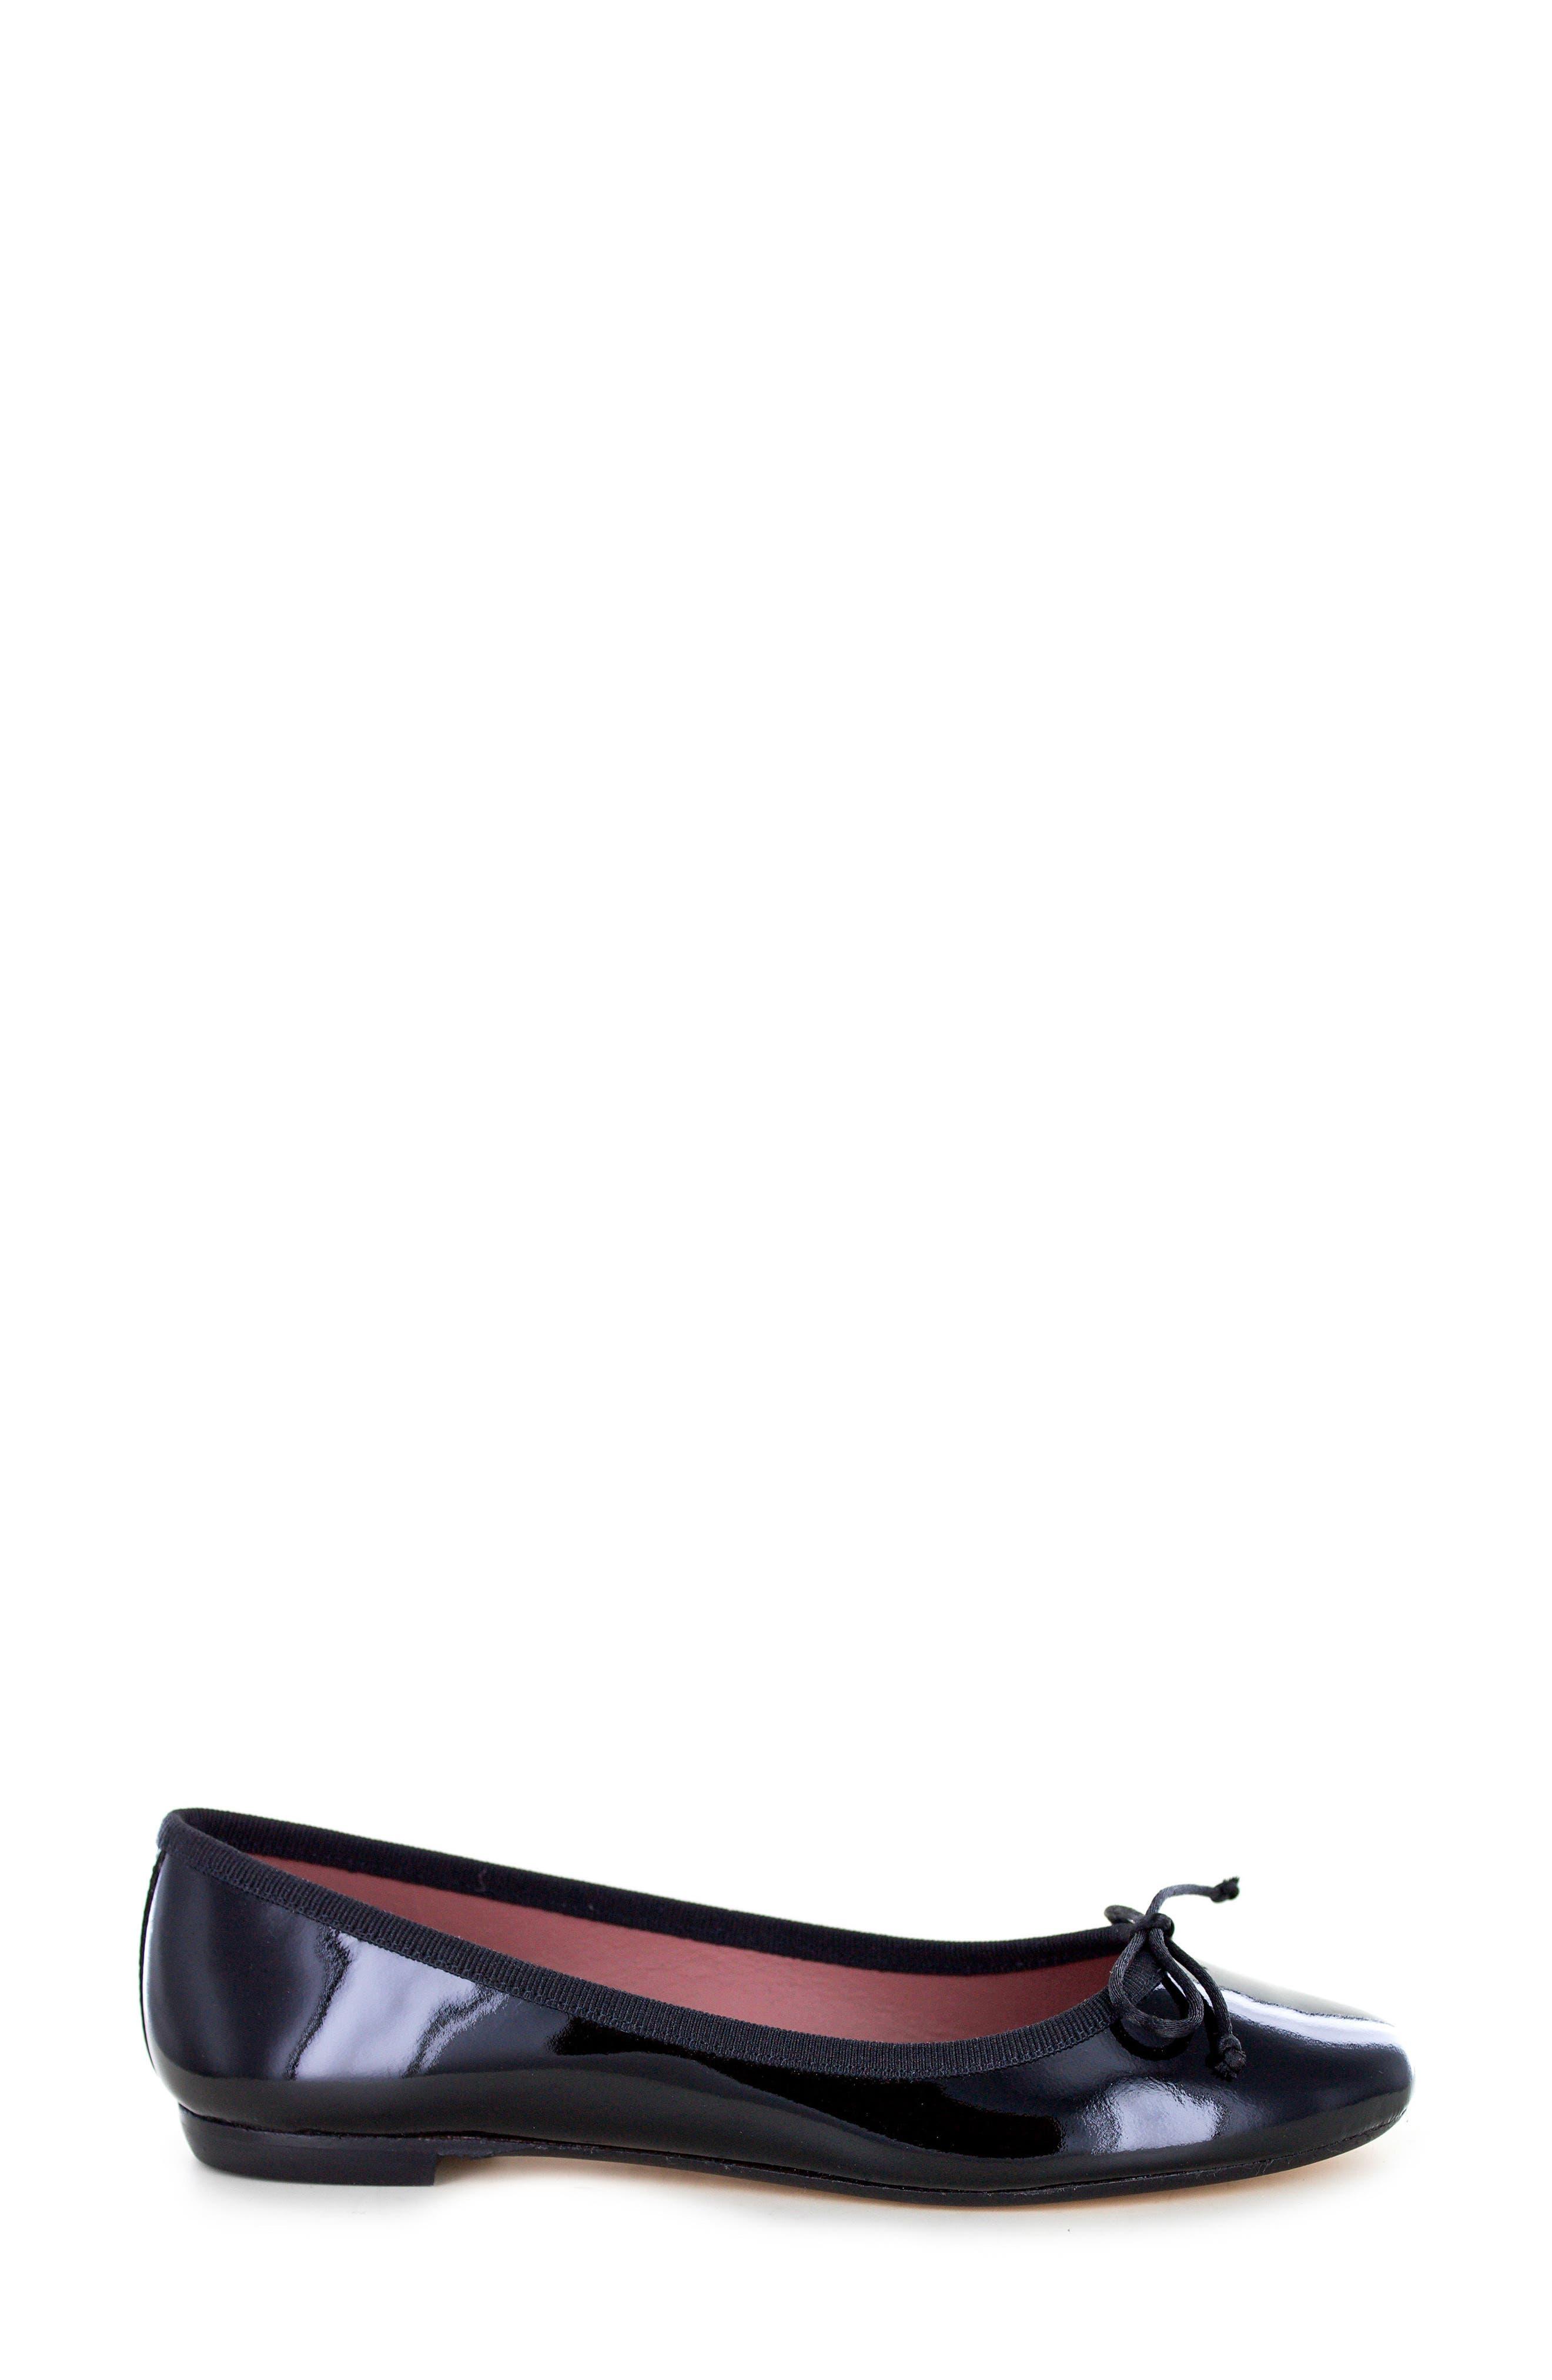 Kendrick Flat,                             Alternate thumbnail 3, color,                             Black Patent Leather